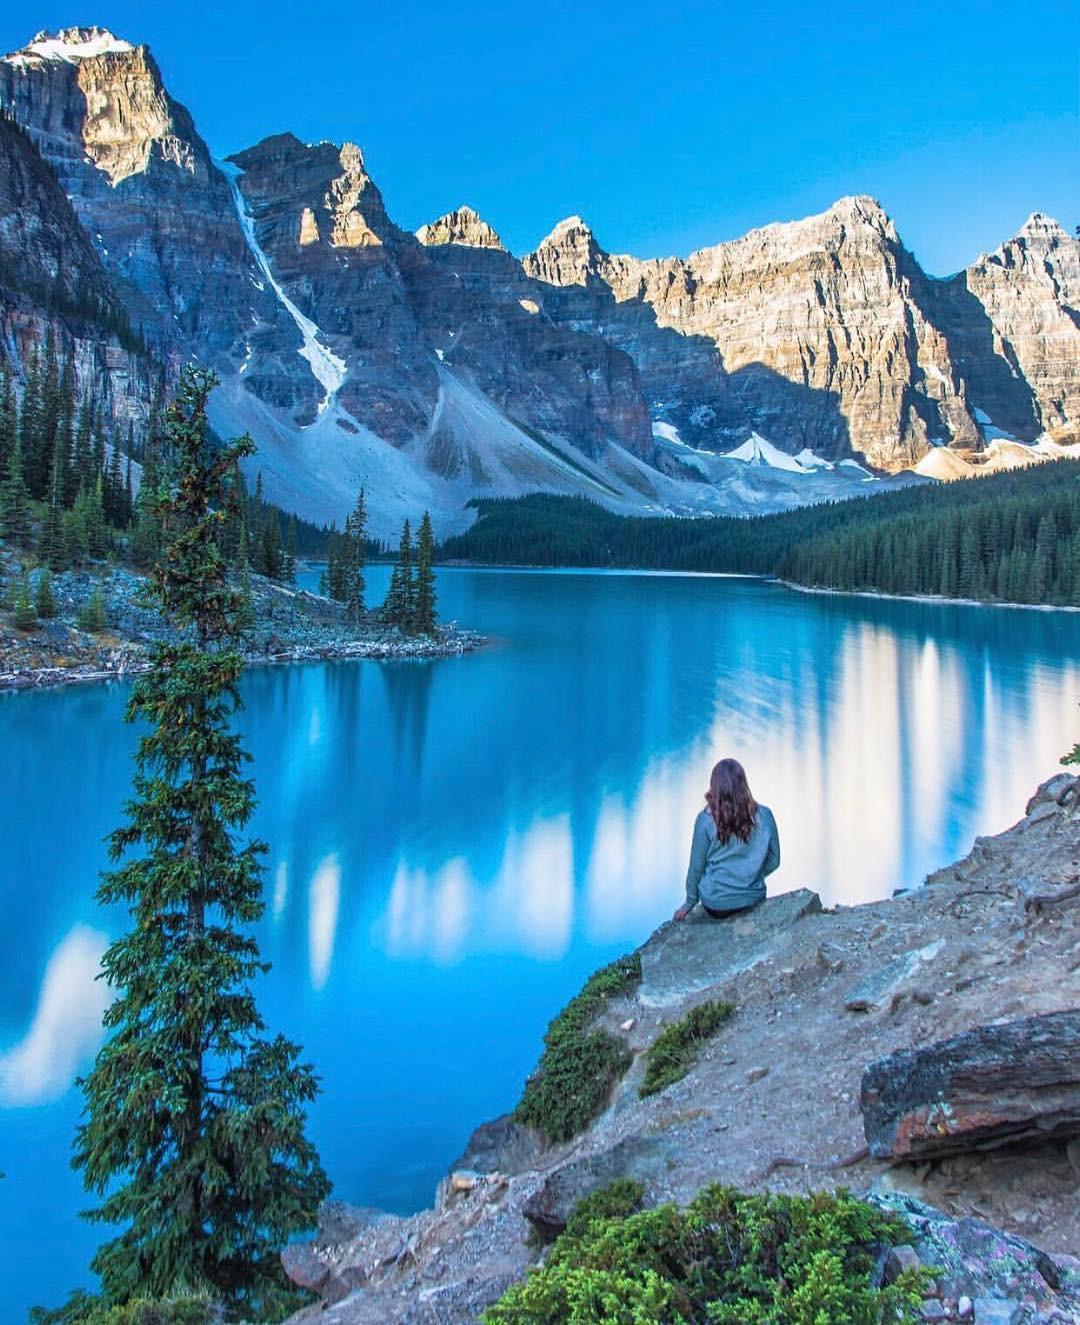 Có gì hay ở hồ nước màu xanh ngọc bích được mệnh danh là thiên đường trần gian ở Canada? - Ảnh 9.